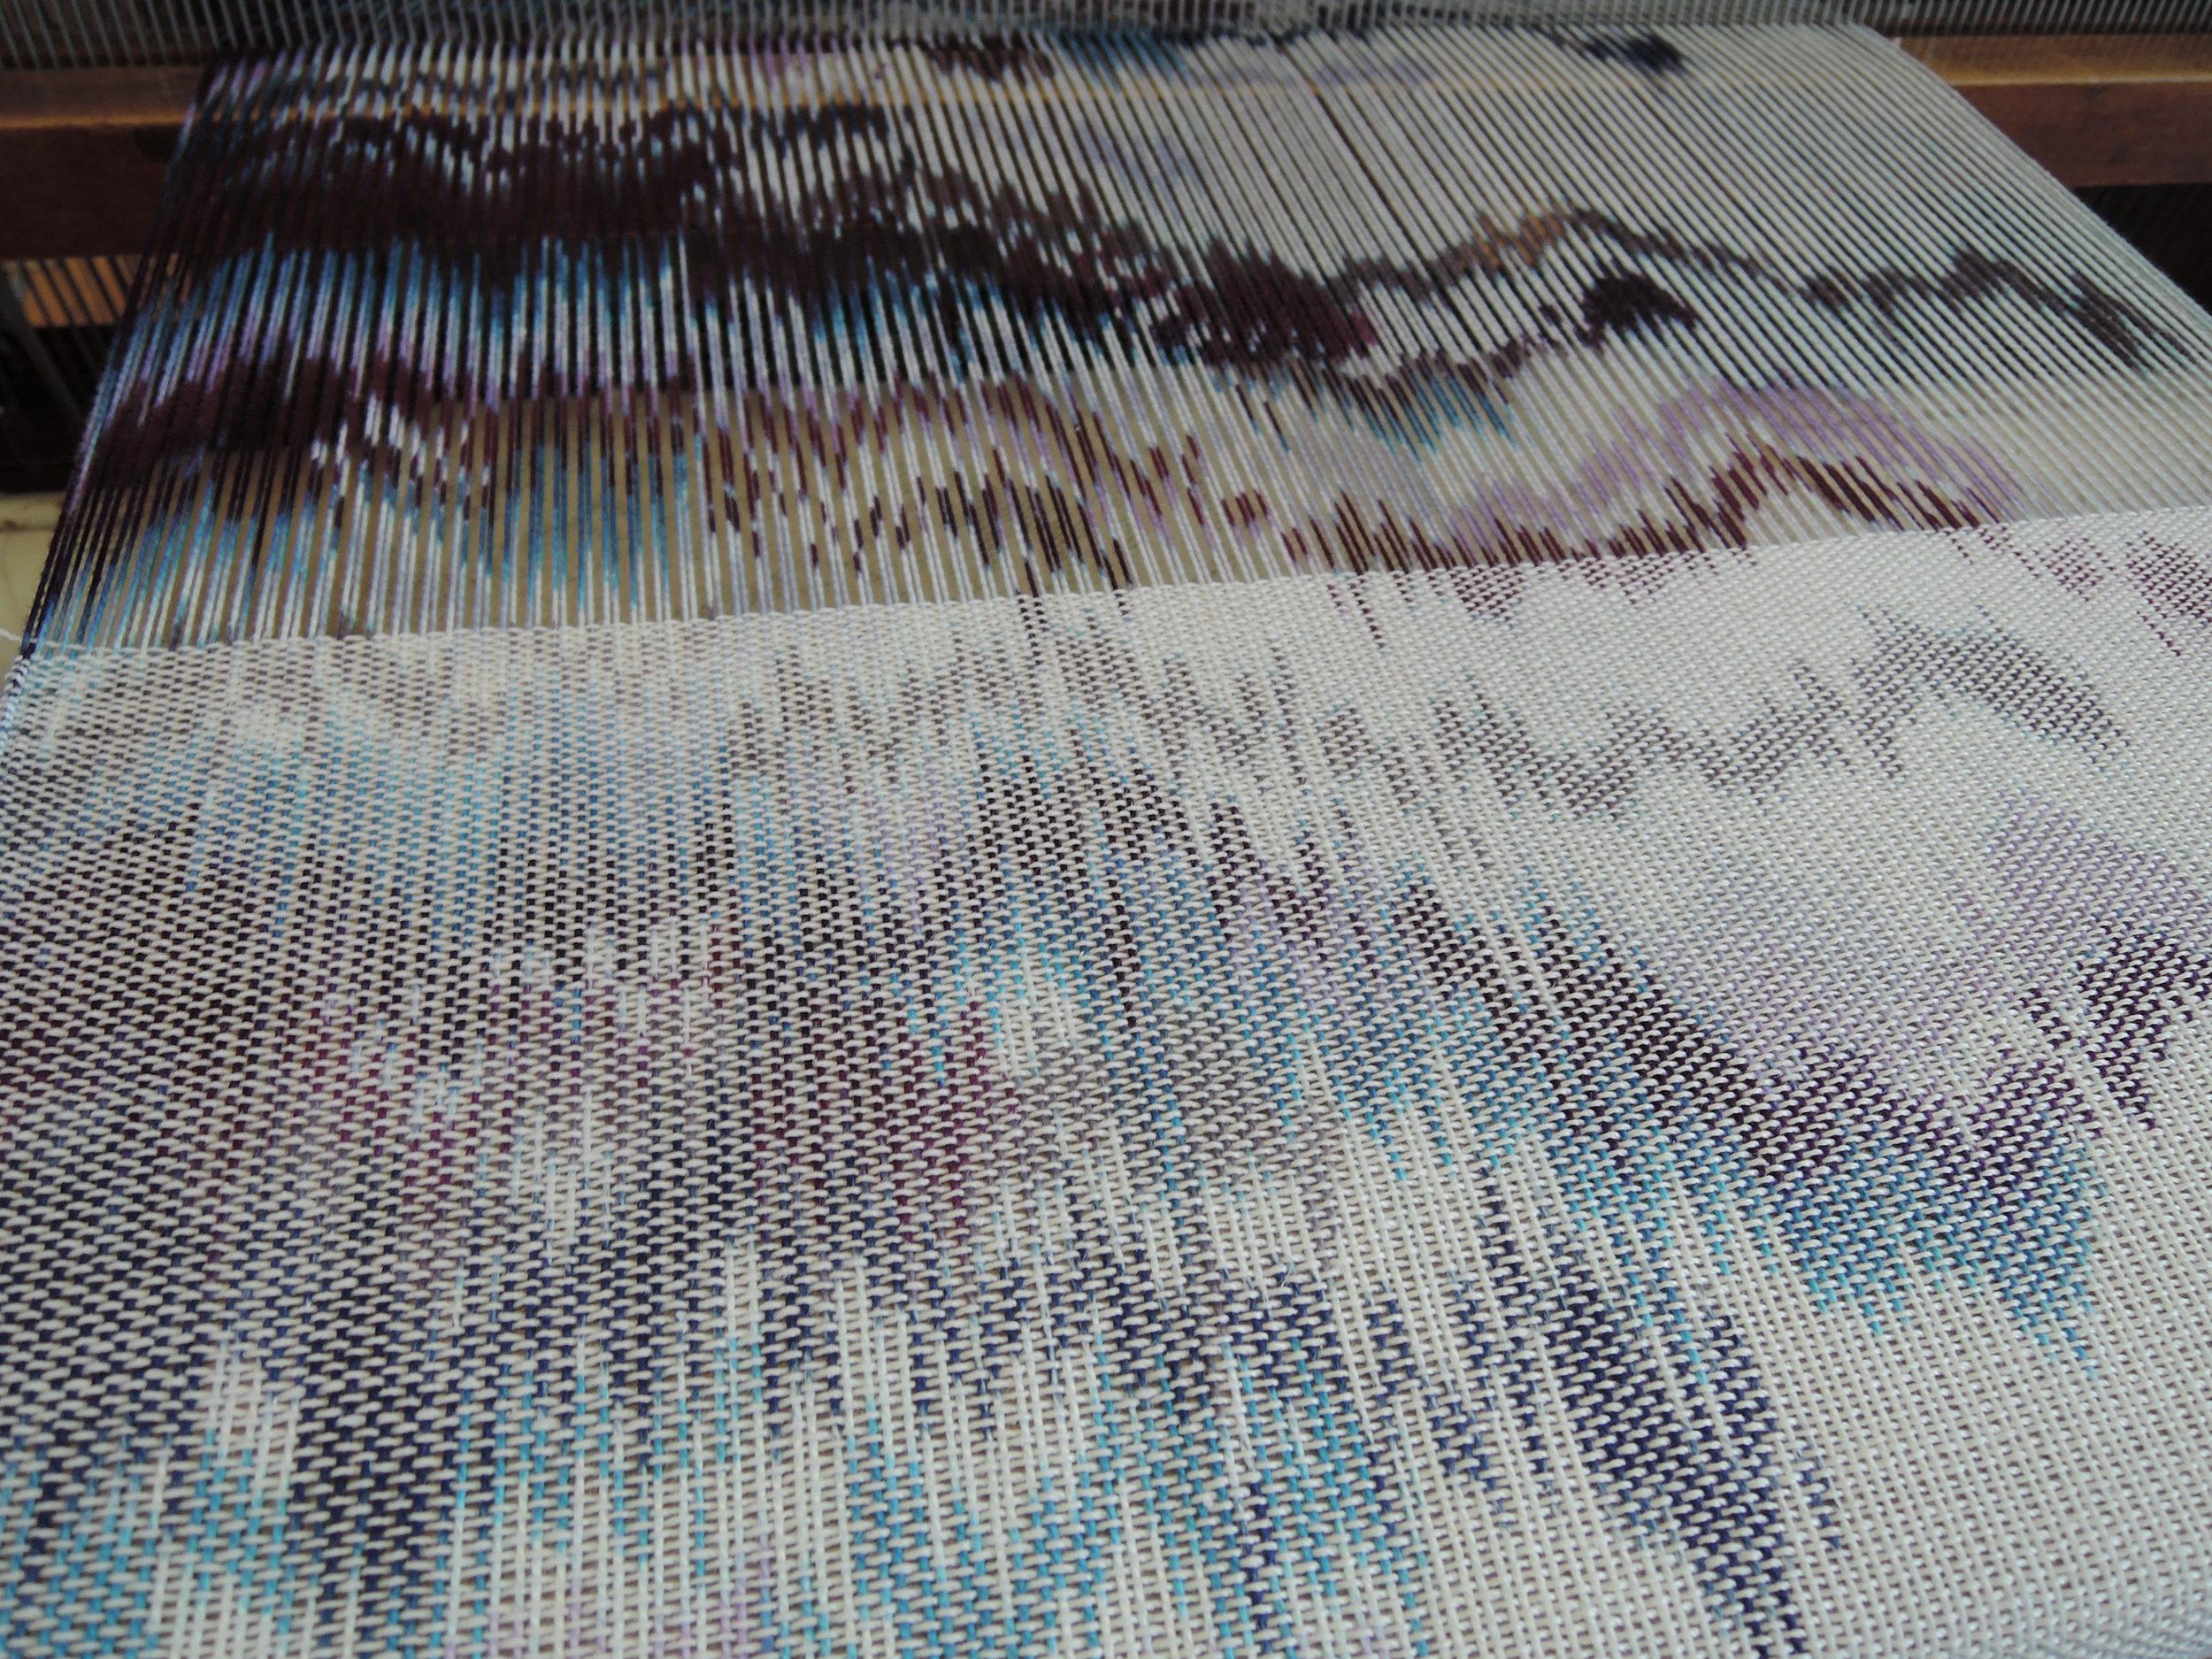 Halfway woven.